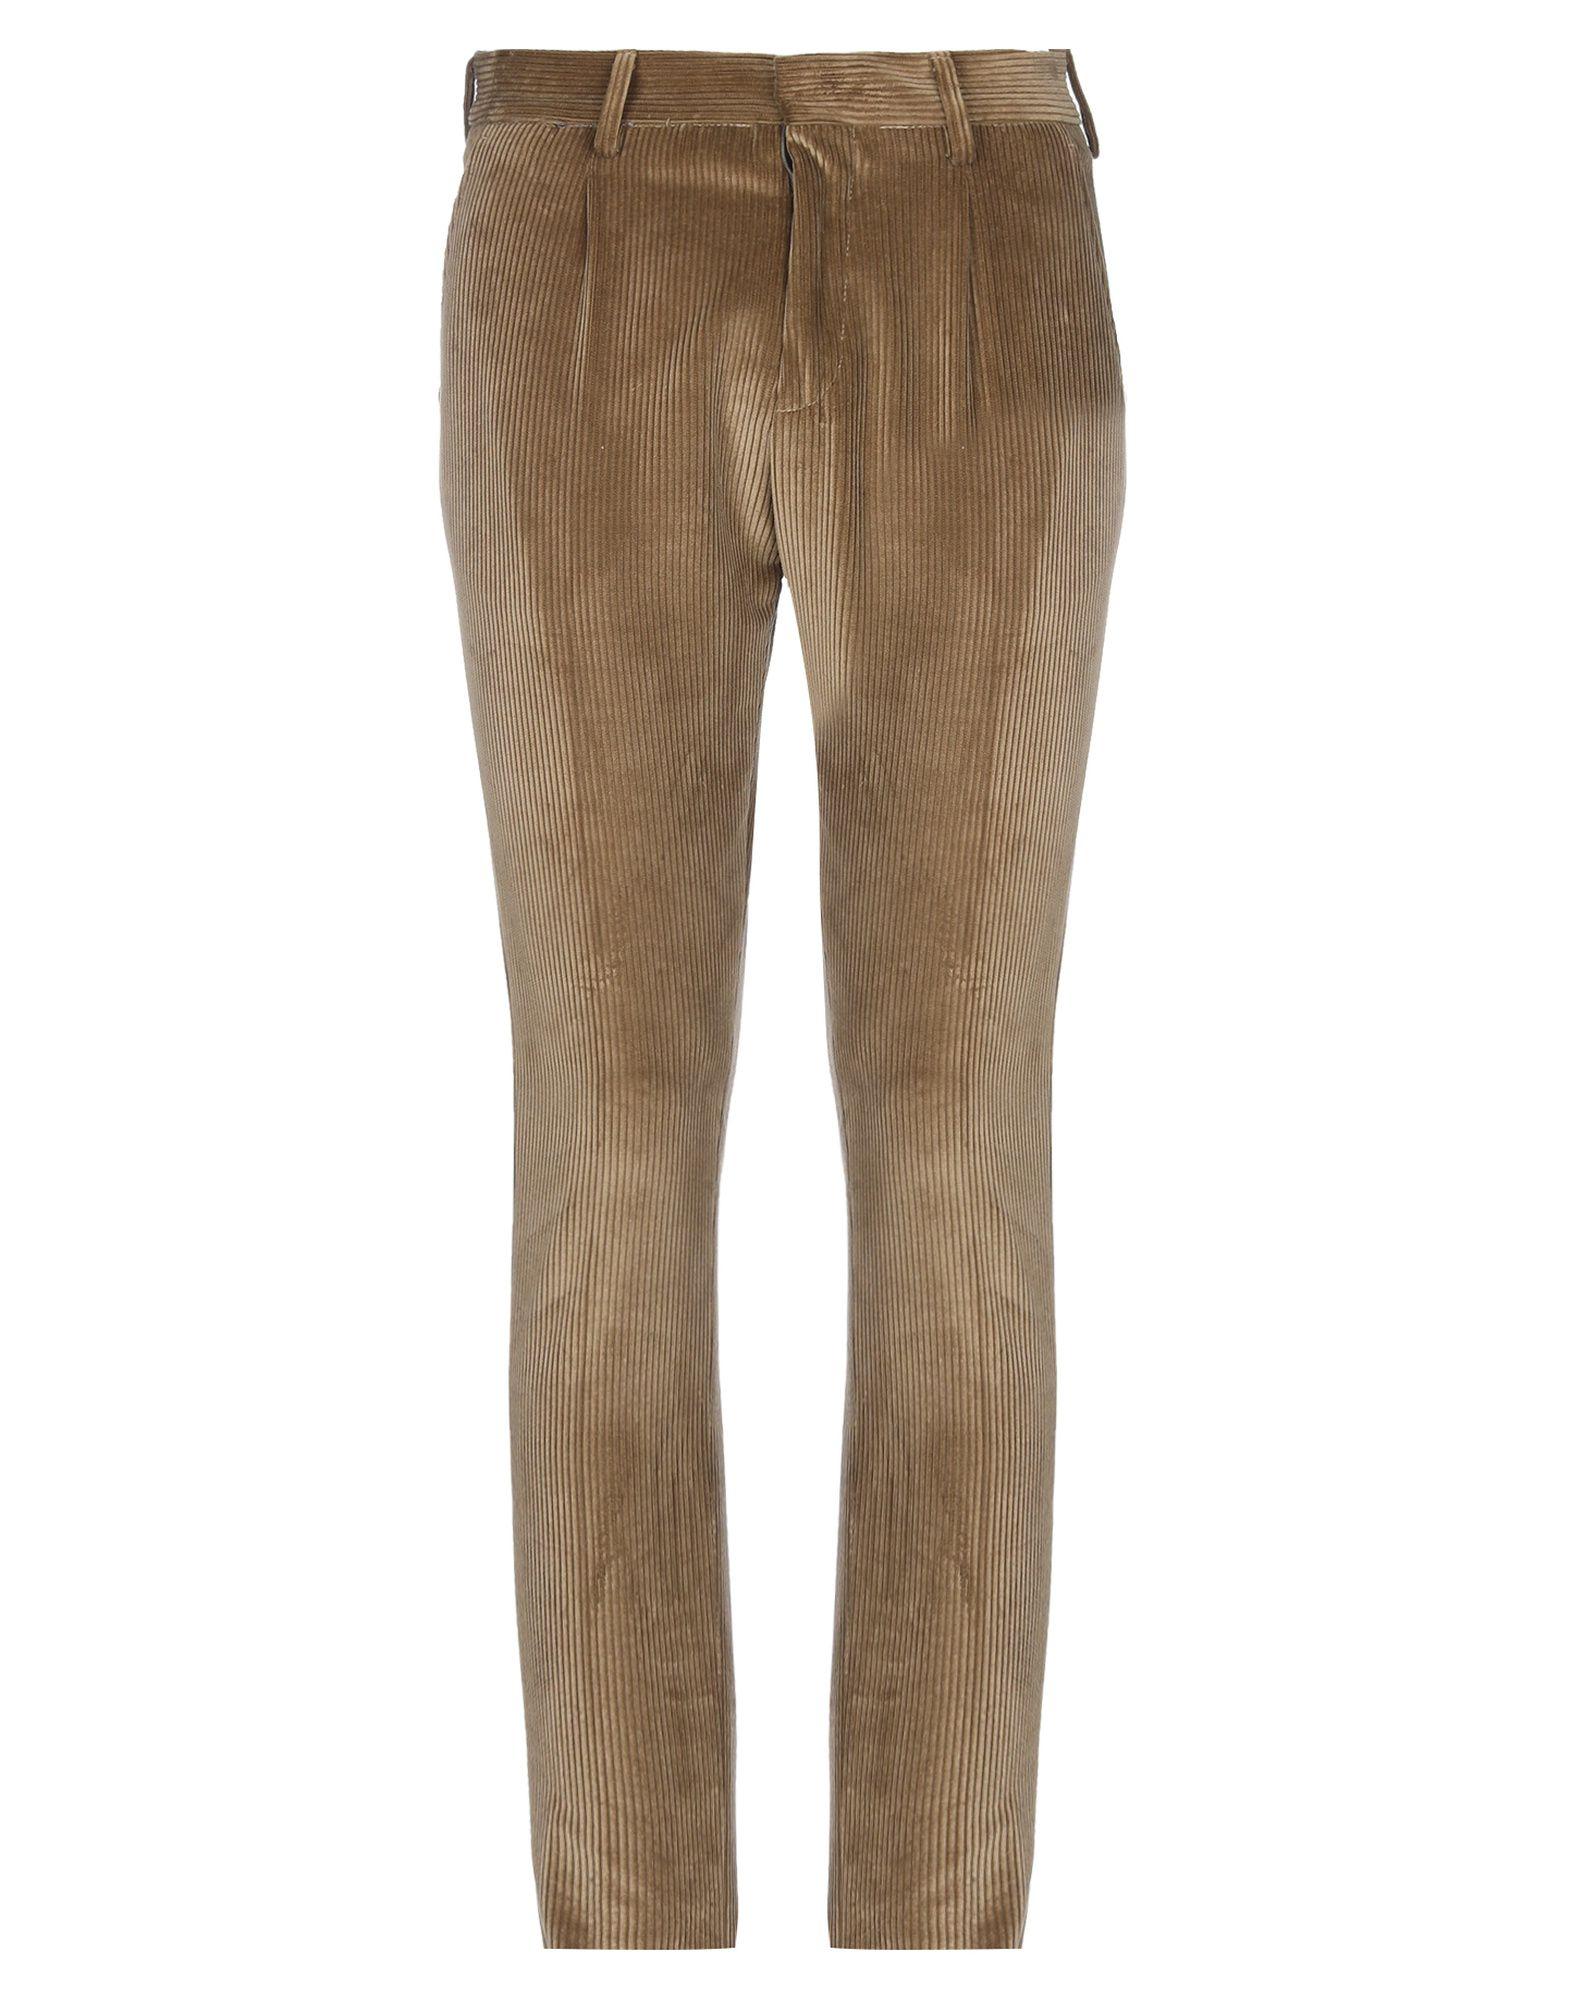 CASTELBAJAC Повседневные брюки jc de castelbajac поло